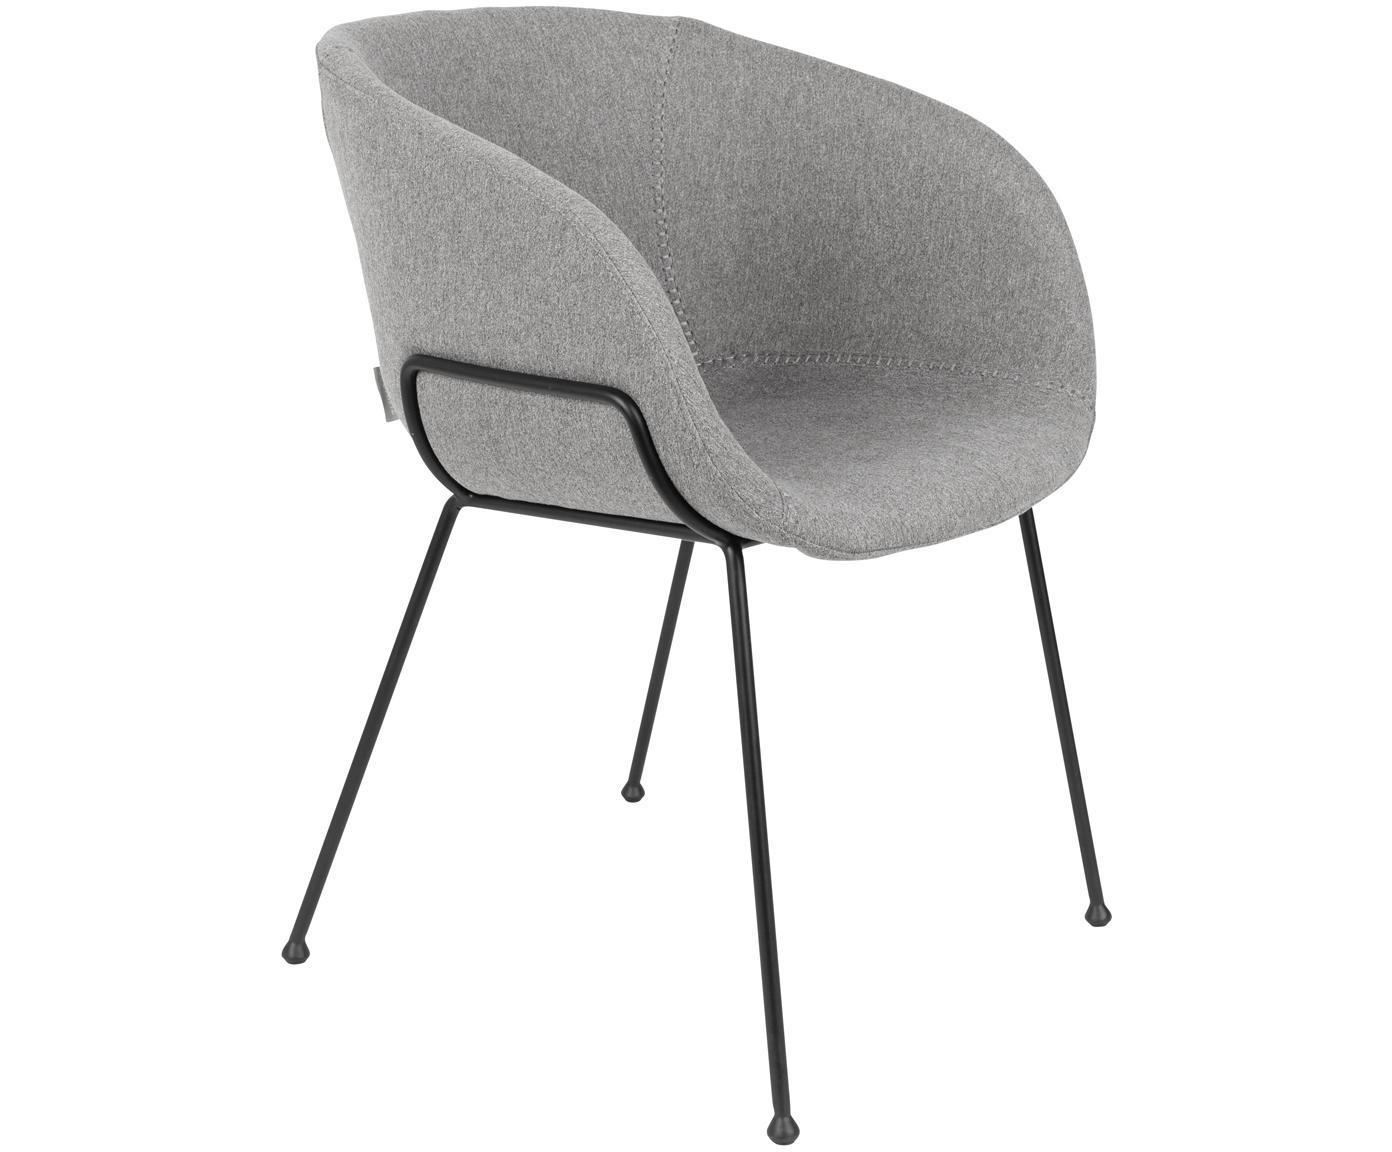 Sedia con braccioli Feston 2 pz, Rivestimento: 50% poliuretano, 50% poli, Grigio, Larg. 57 x Alt. 77 cm